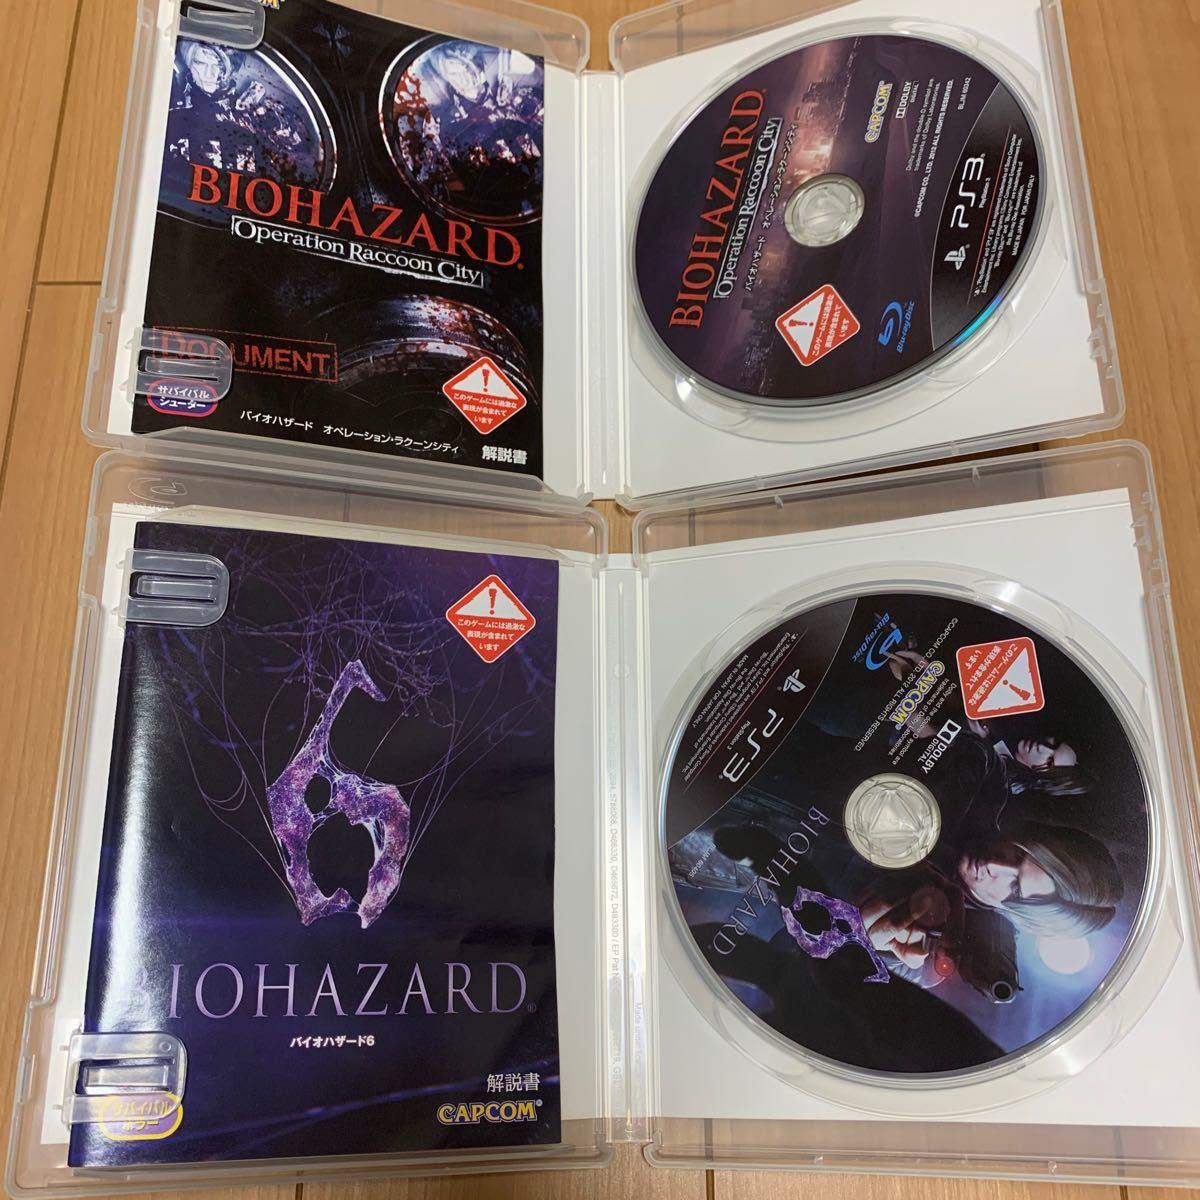 ☆送料込み☆ バイオハザード6、バイオハザード オペレーション・ラクーンシティ 2枚セット 【PS3ソフト】